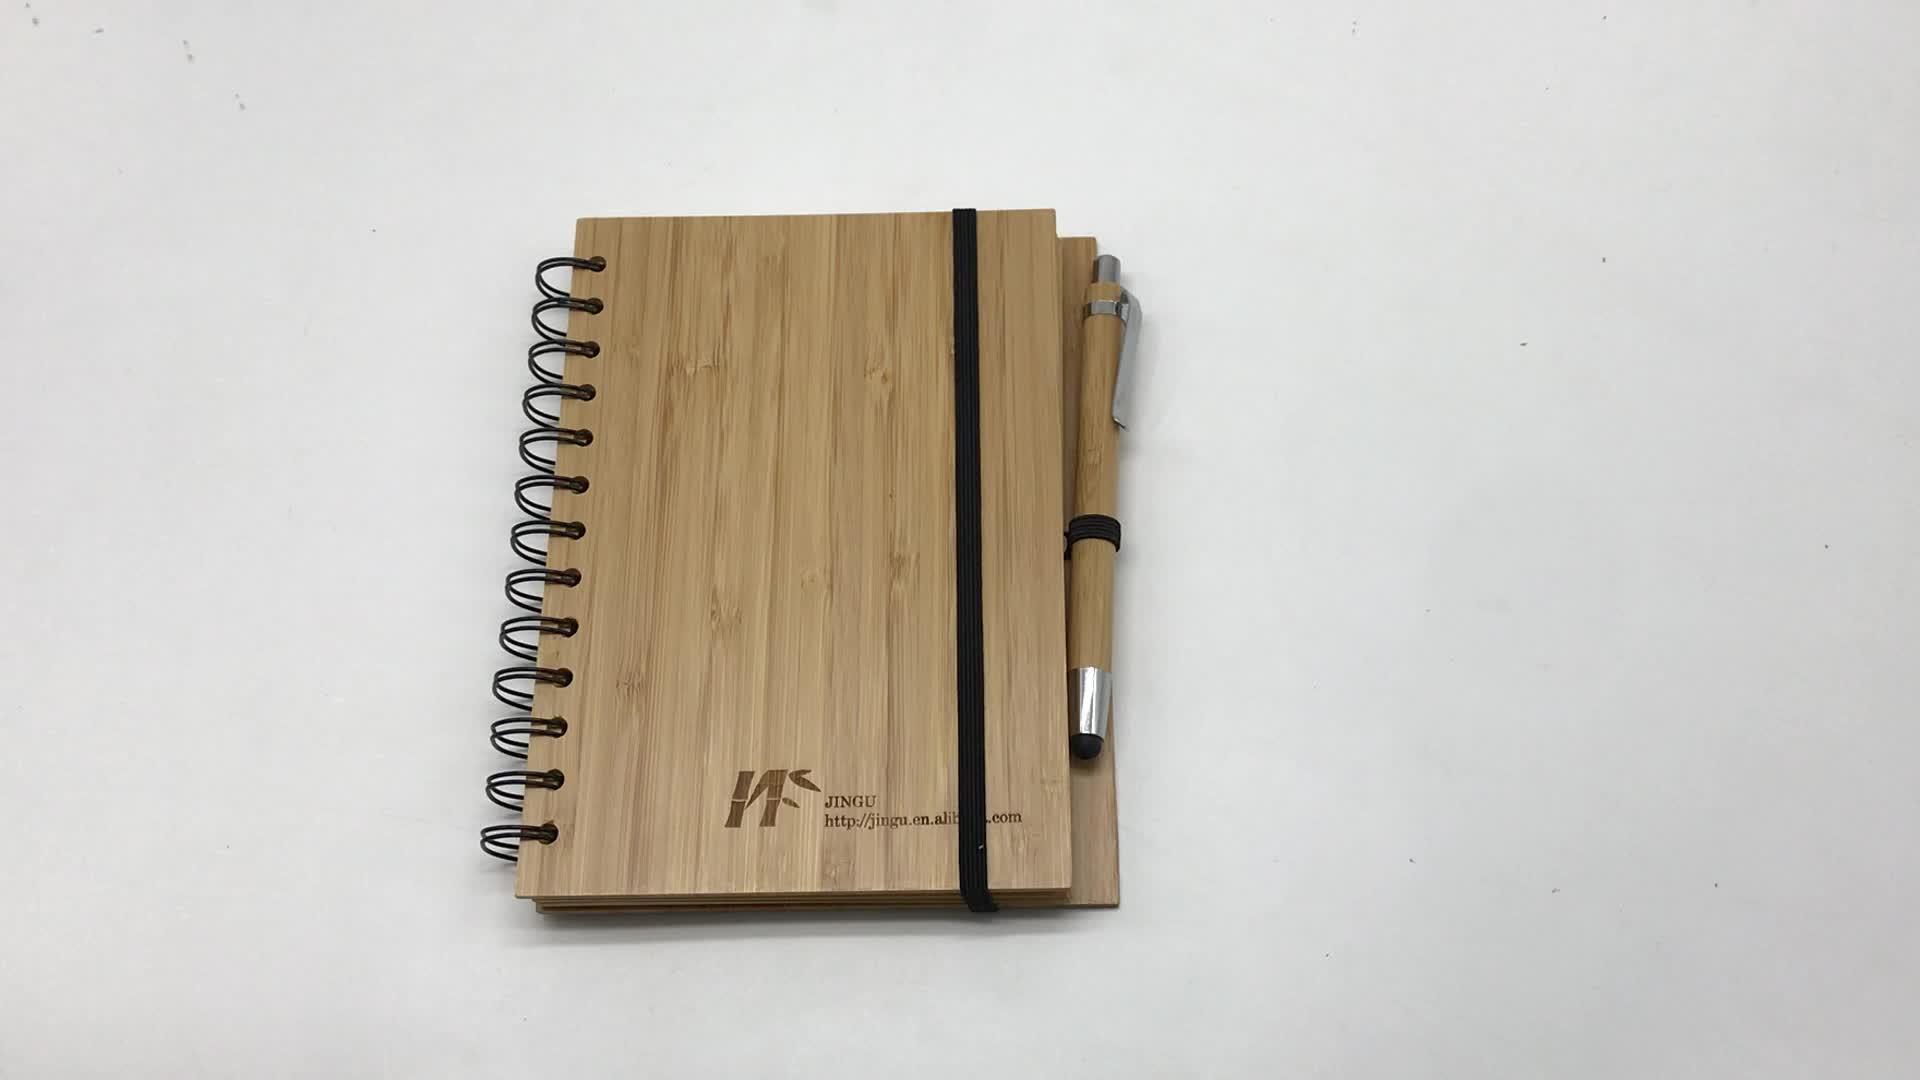 Notebook de bambu eco friendly papelaria Jingu